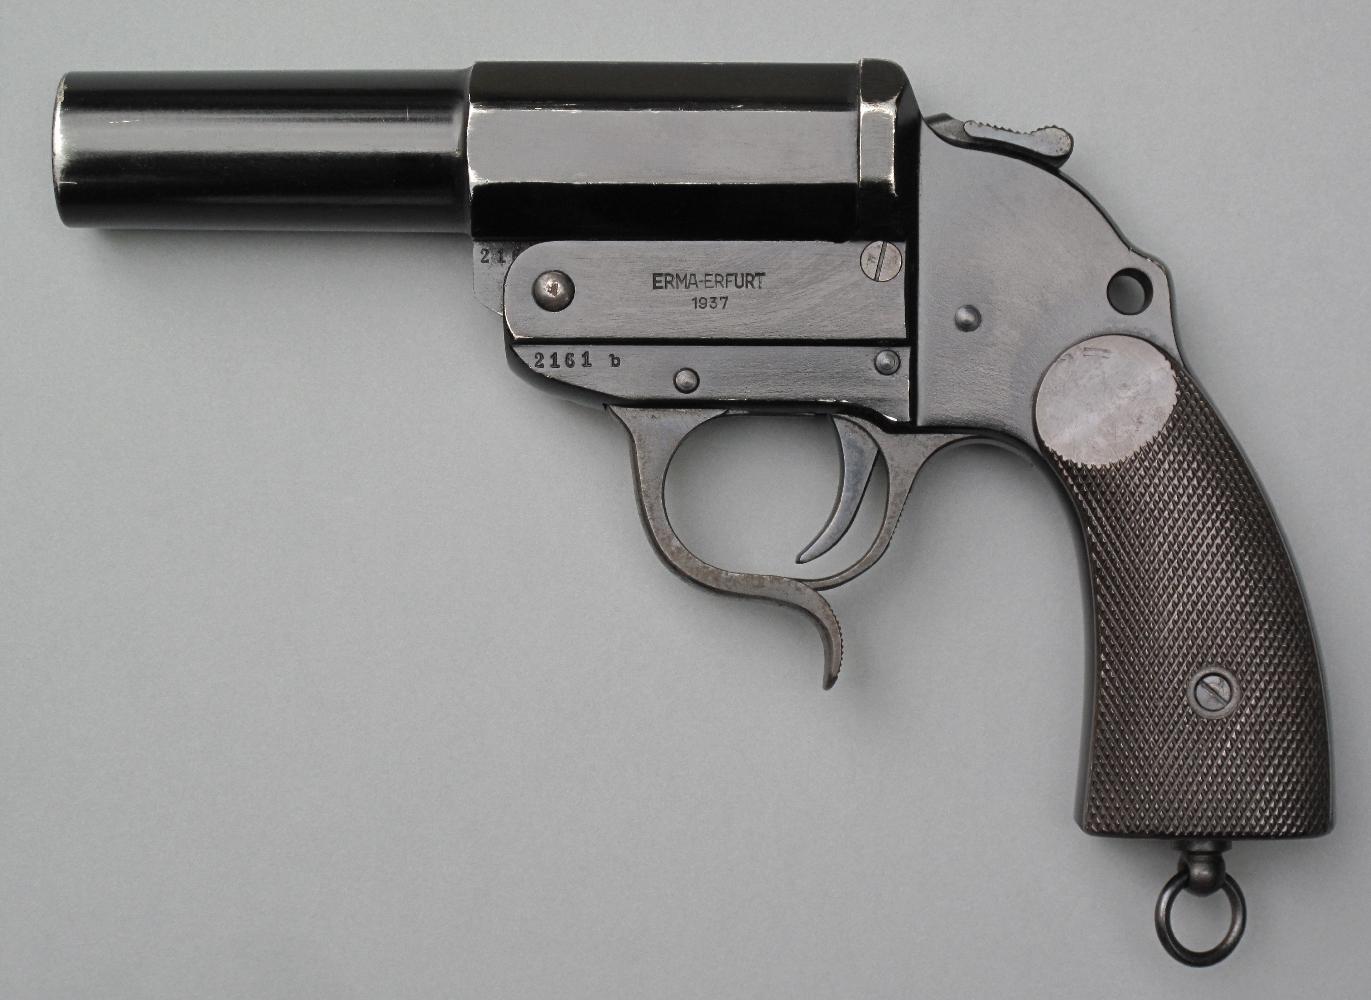 Pistolet signaleur Heer modèle 1934 (Gazette des Armes N°492) fabriqué par ERMA en 1937.